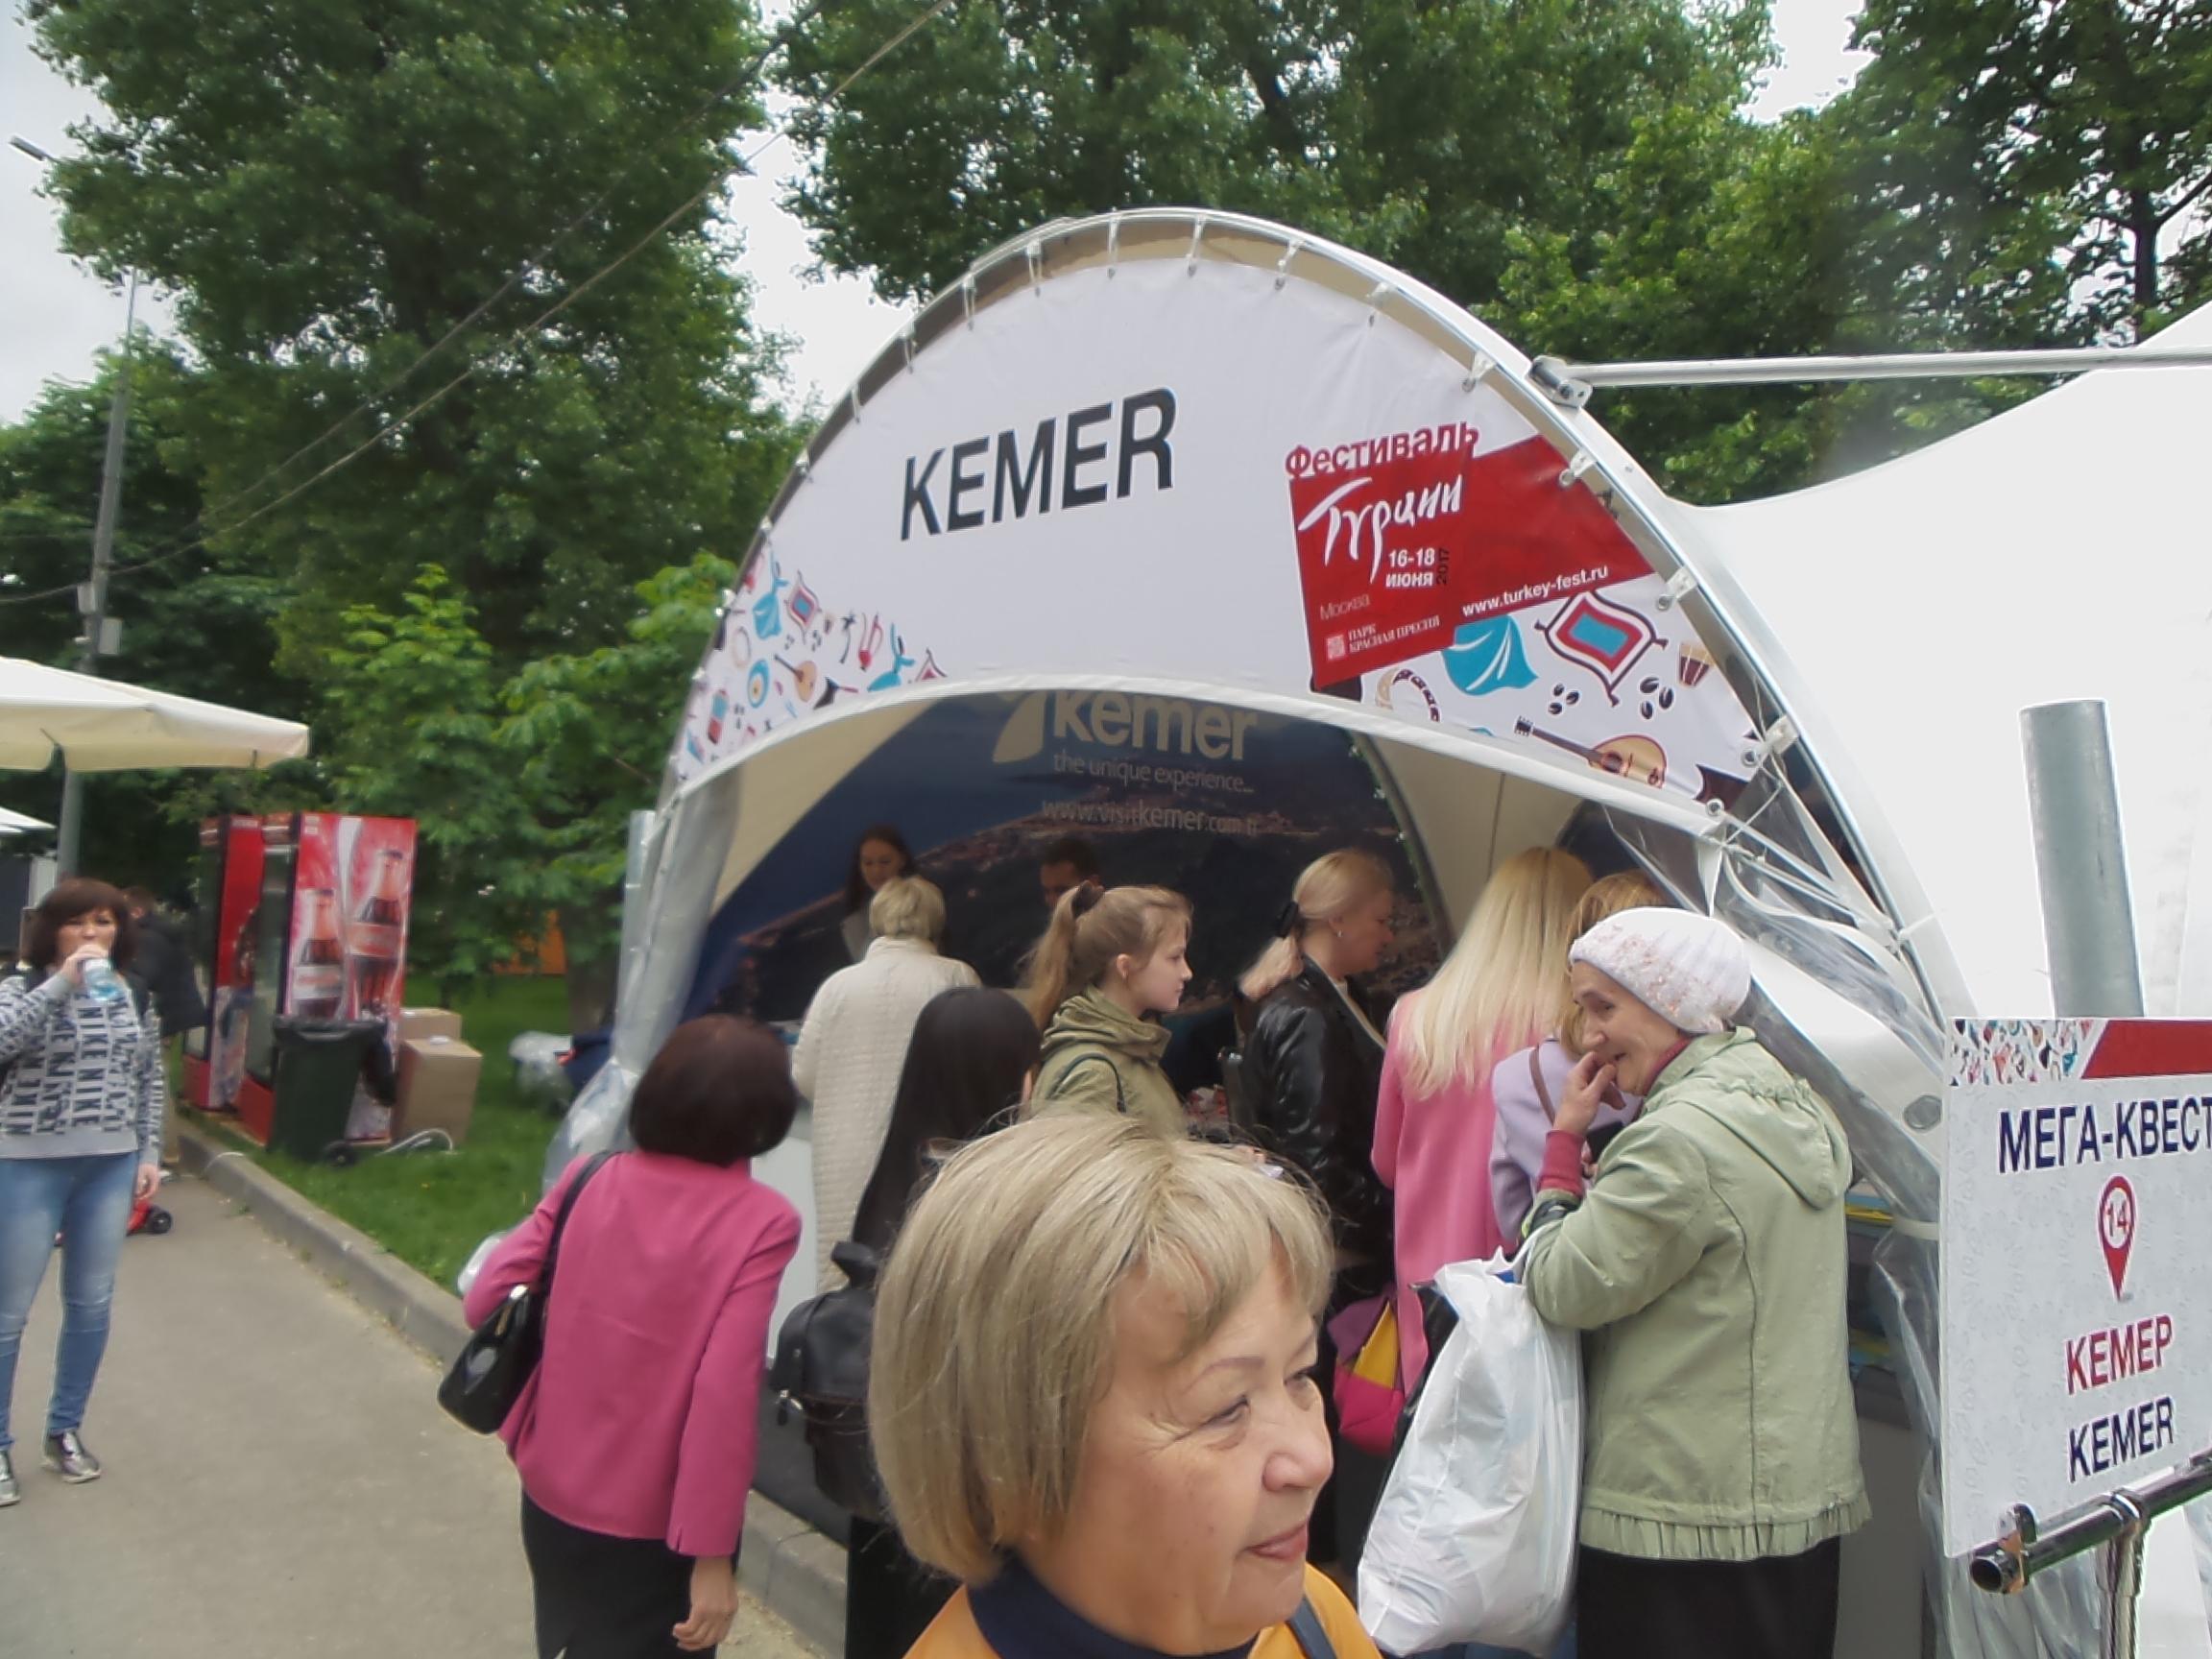 Rusyadaki en ilginç festivaller